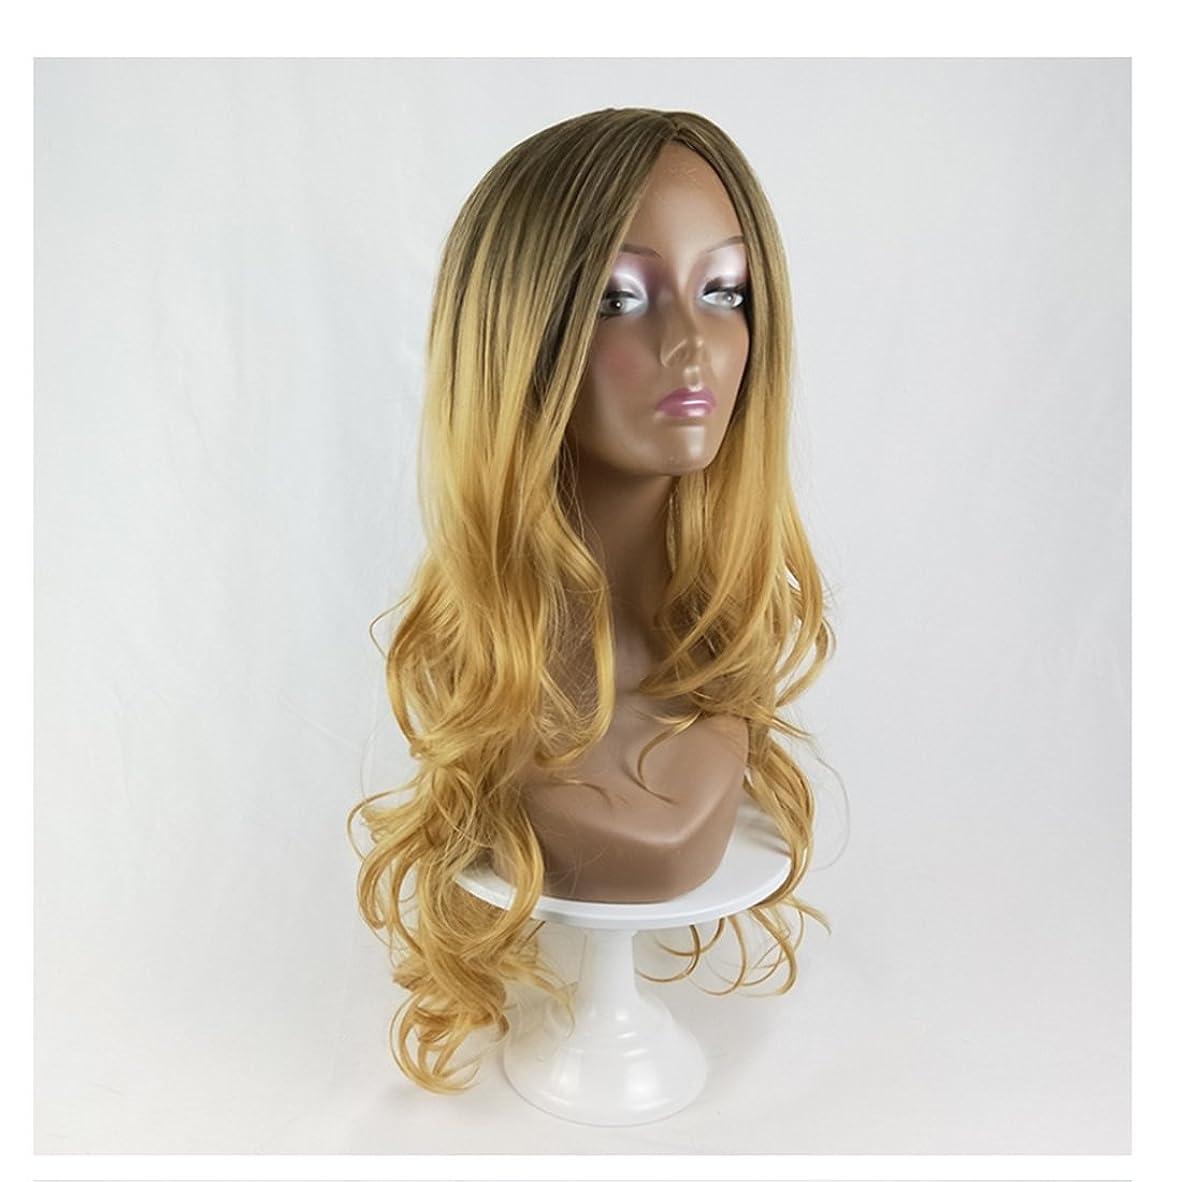 マラソン困惑したサーキュレーションJIANFU 人形の黒コスプレウィッグ女性のための人間の髪ロングバンズウィッグ黒の女性のためのナチュラルカラーグラデーション長いカーリーウィッグ220g (Color : Black Gradient Linen Yellow)